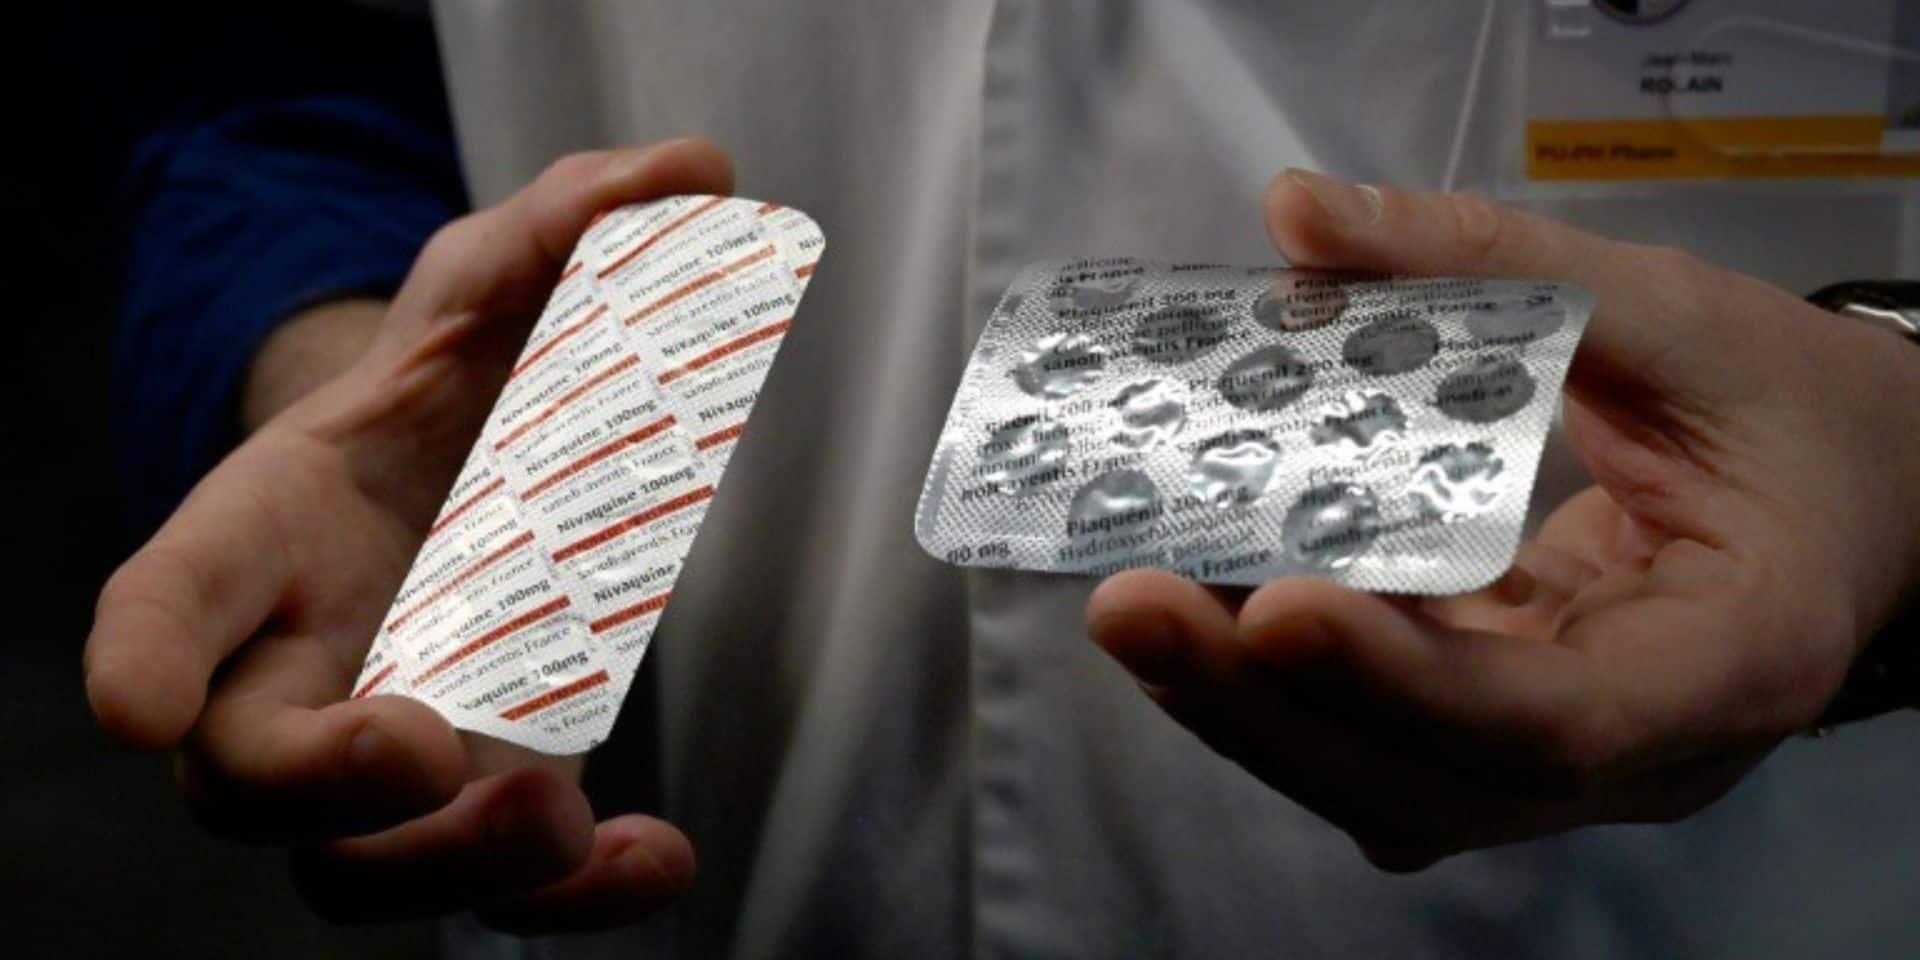 Des chercheurs mettent en garde: la chloroquine augmenterait le taux de mortalité chez les personnes atteintes du Covid 19